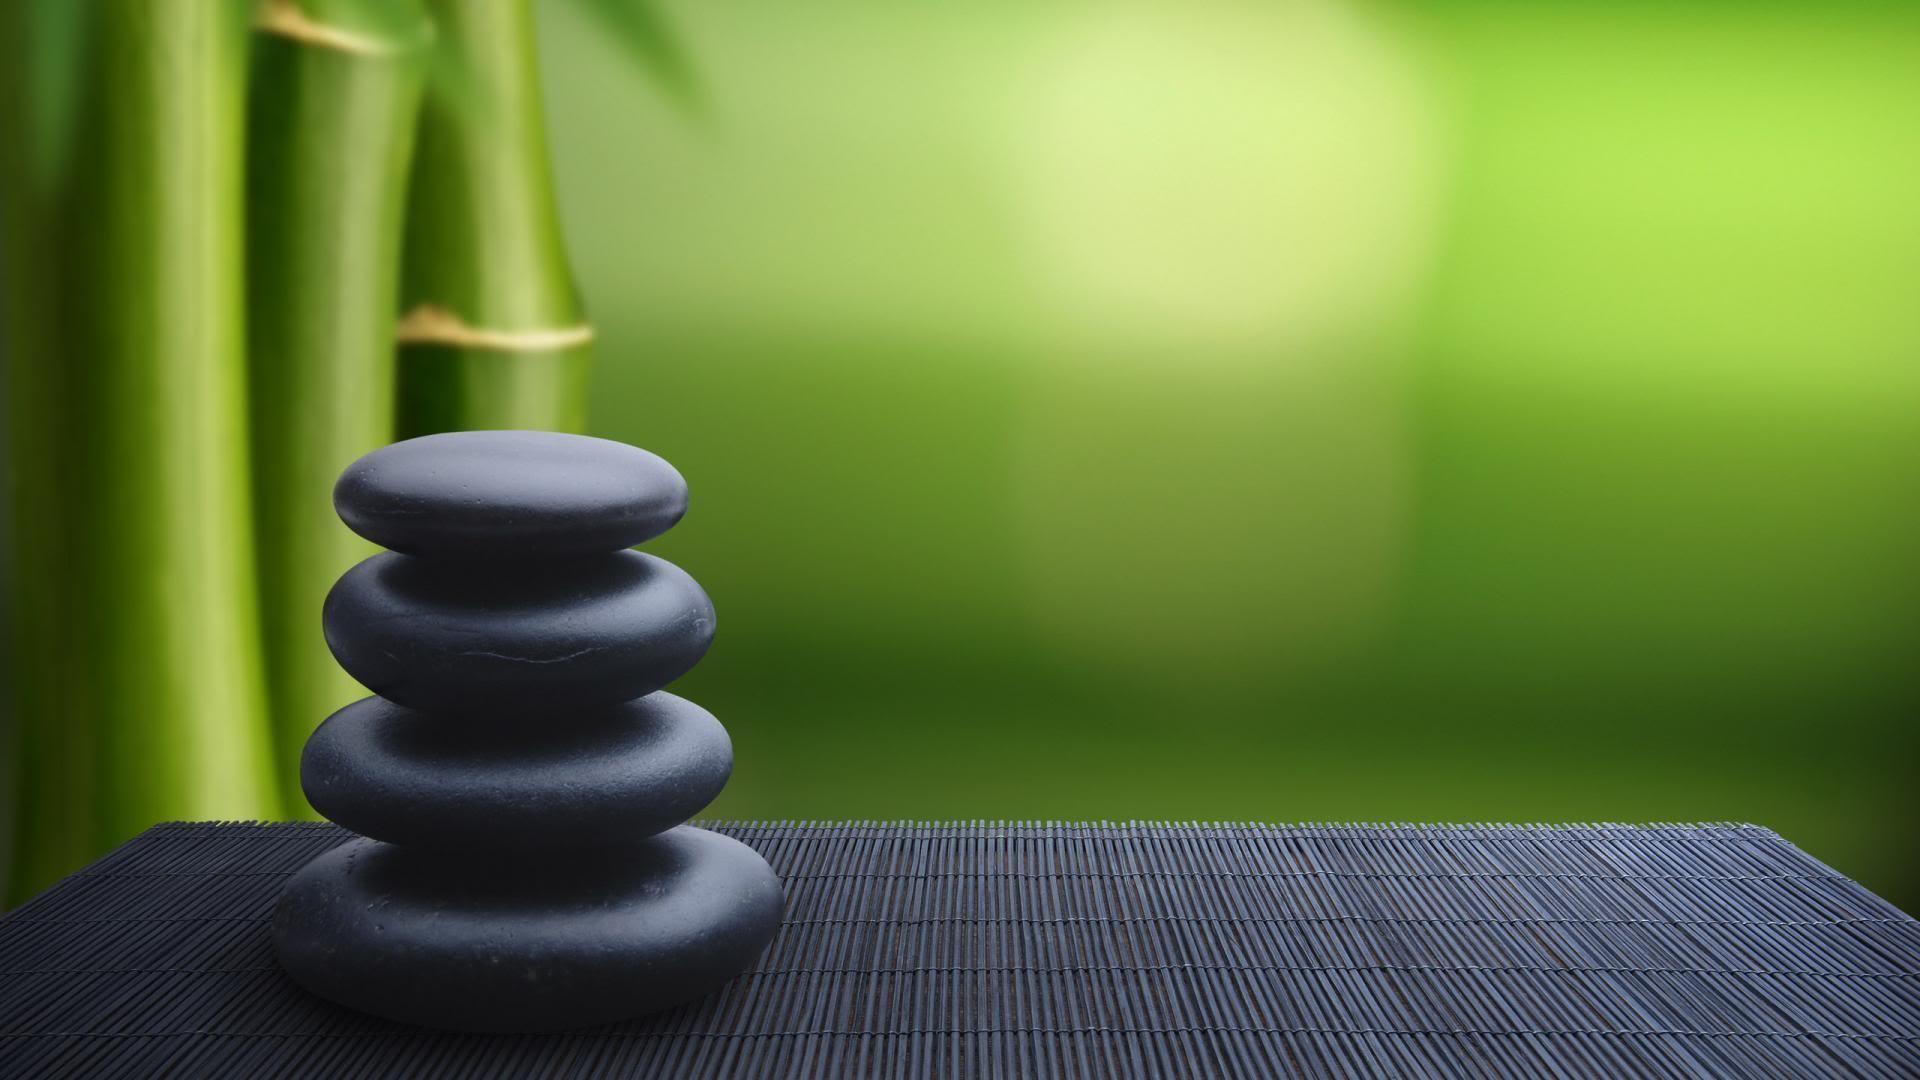 … Zen Garden Wallpaper Hd6 1. Download